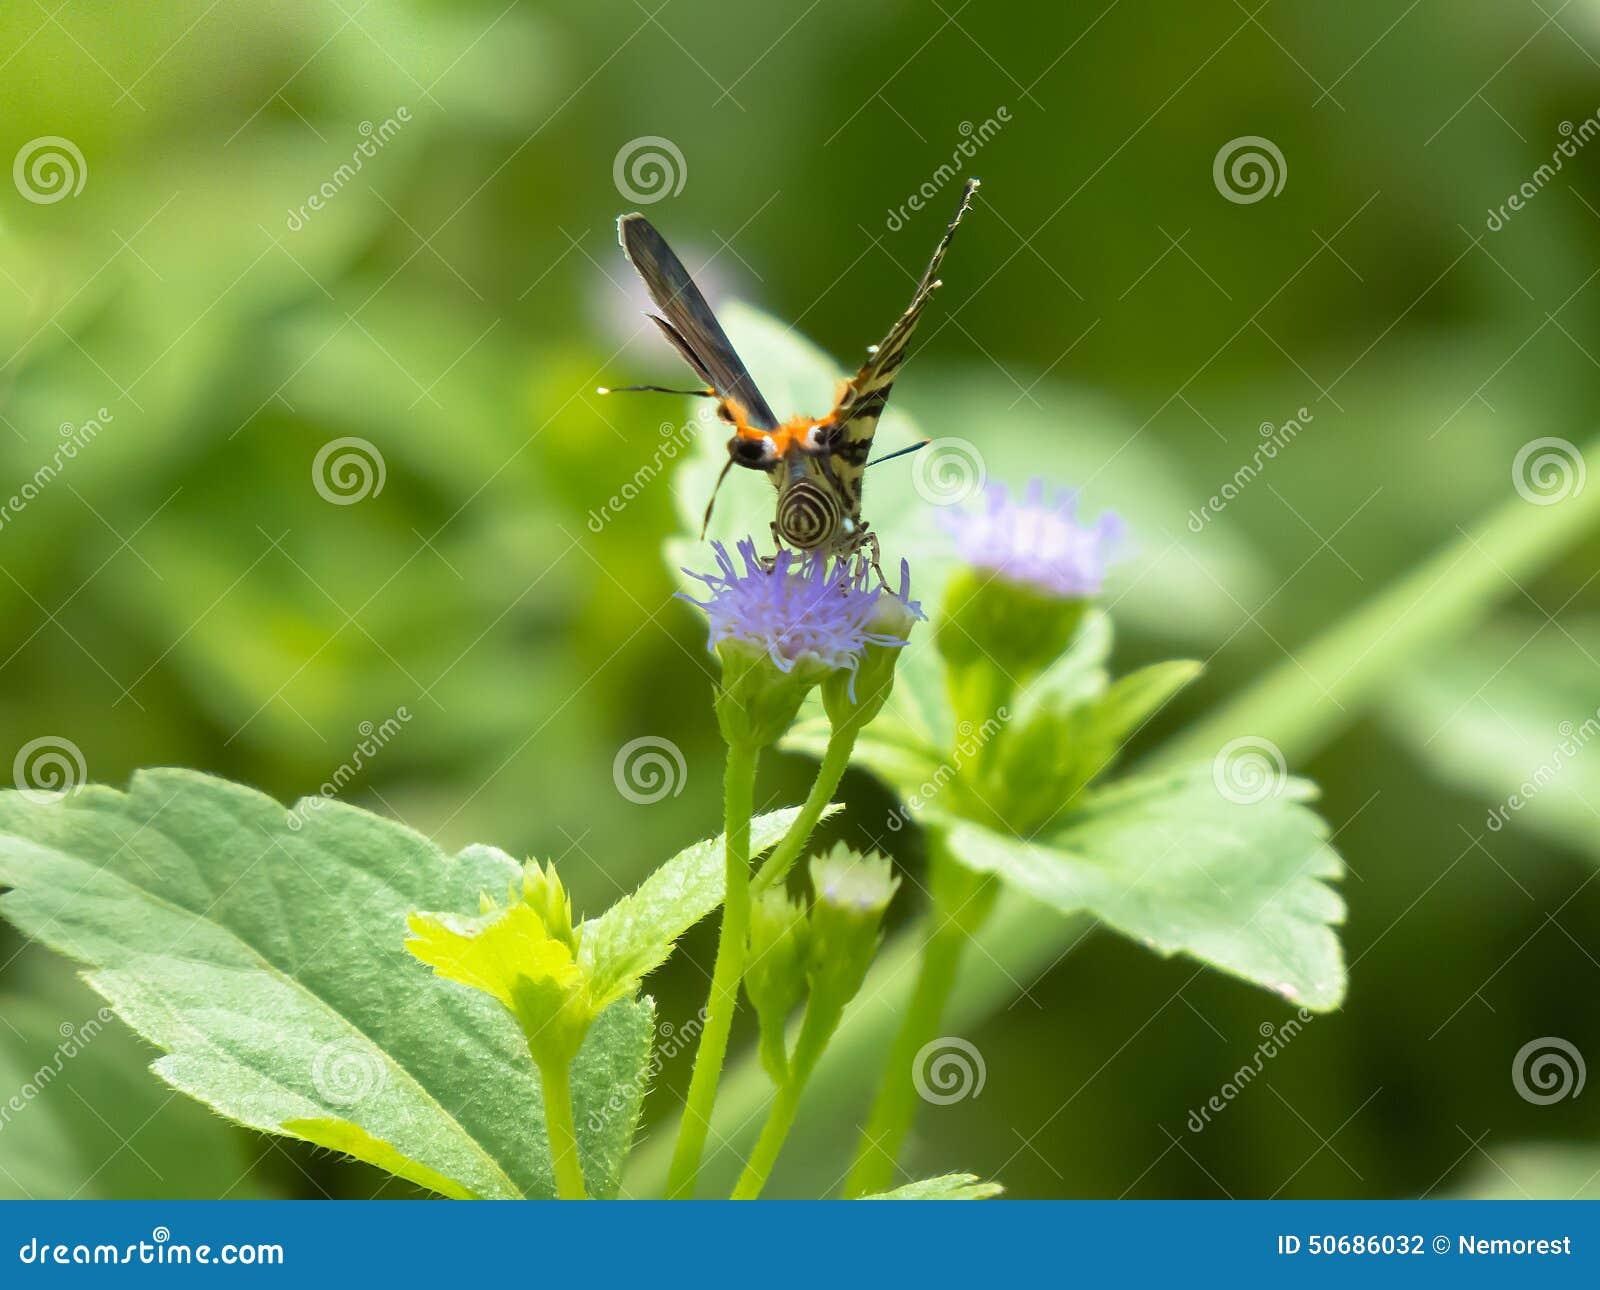 Download 蝴蝶 库存照片. 图片 包括有 节肢动物, 昆虫学家, 热带, 农村, 扩大化, 正横, 触手, 本质, 放大 - 50686032